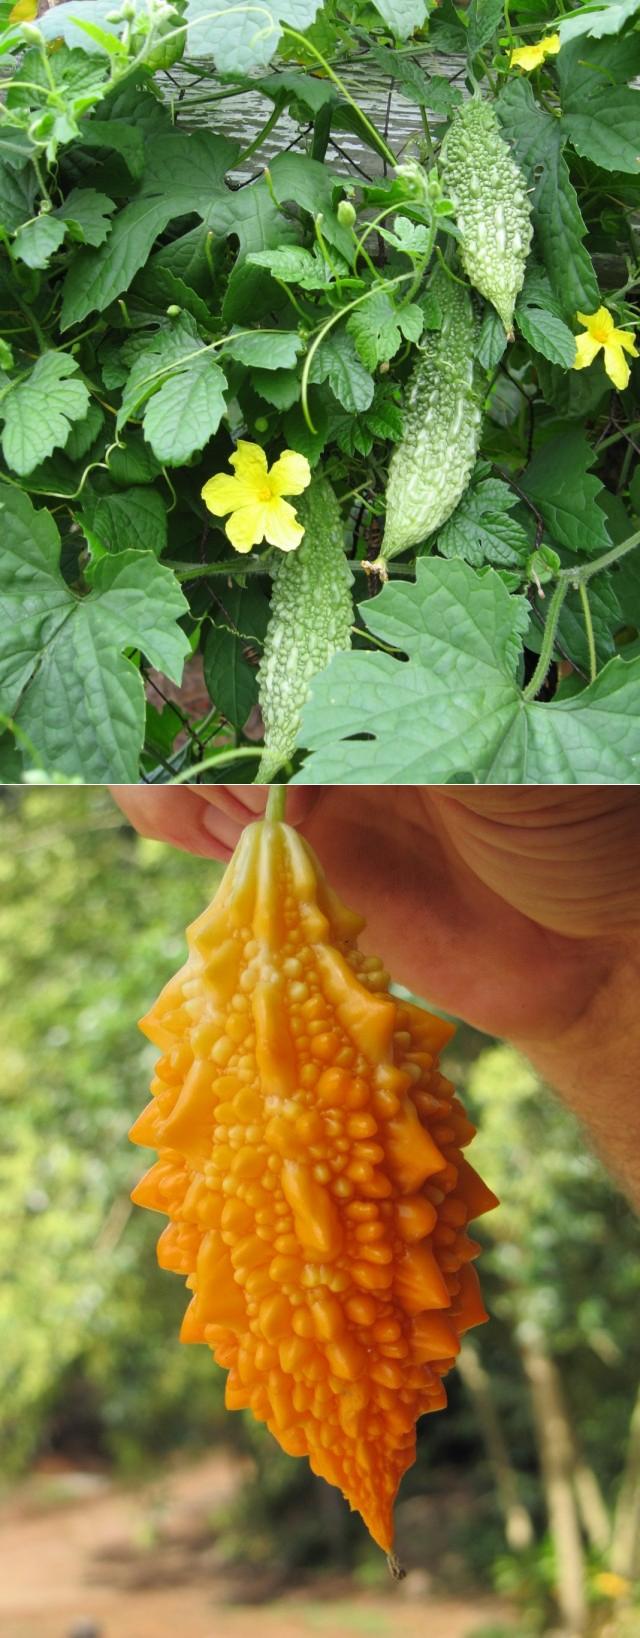 Момордика посадка и уход в открытом грунте полезные свойства